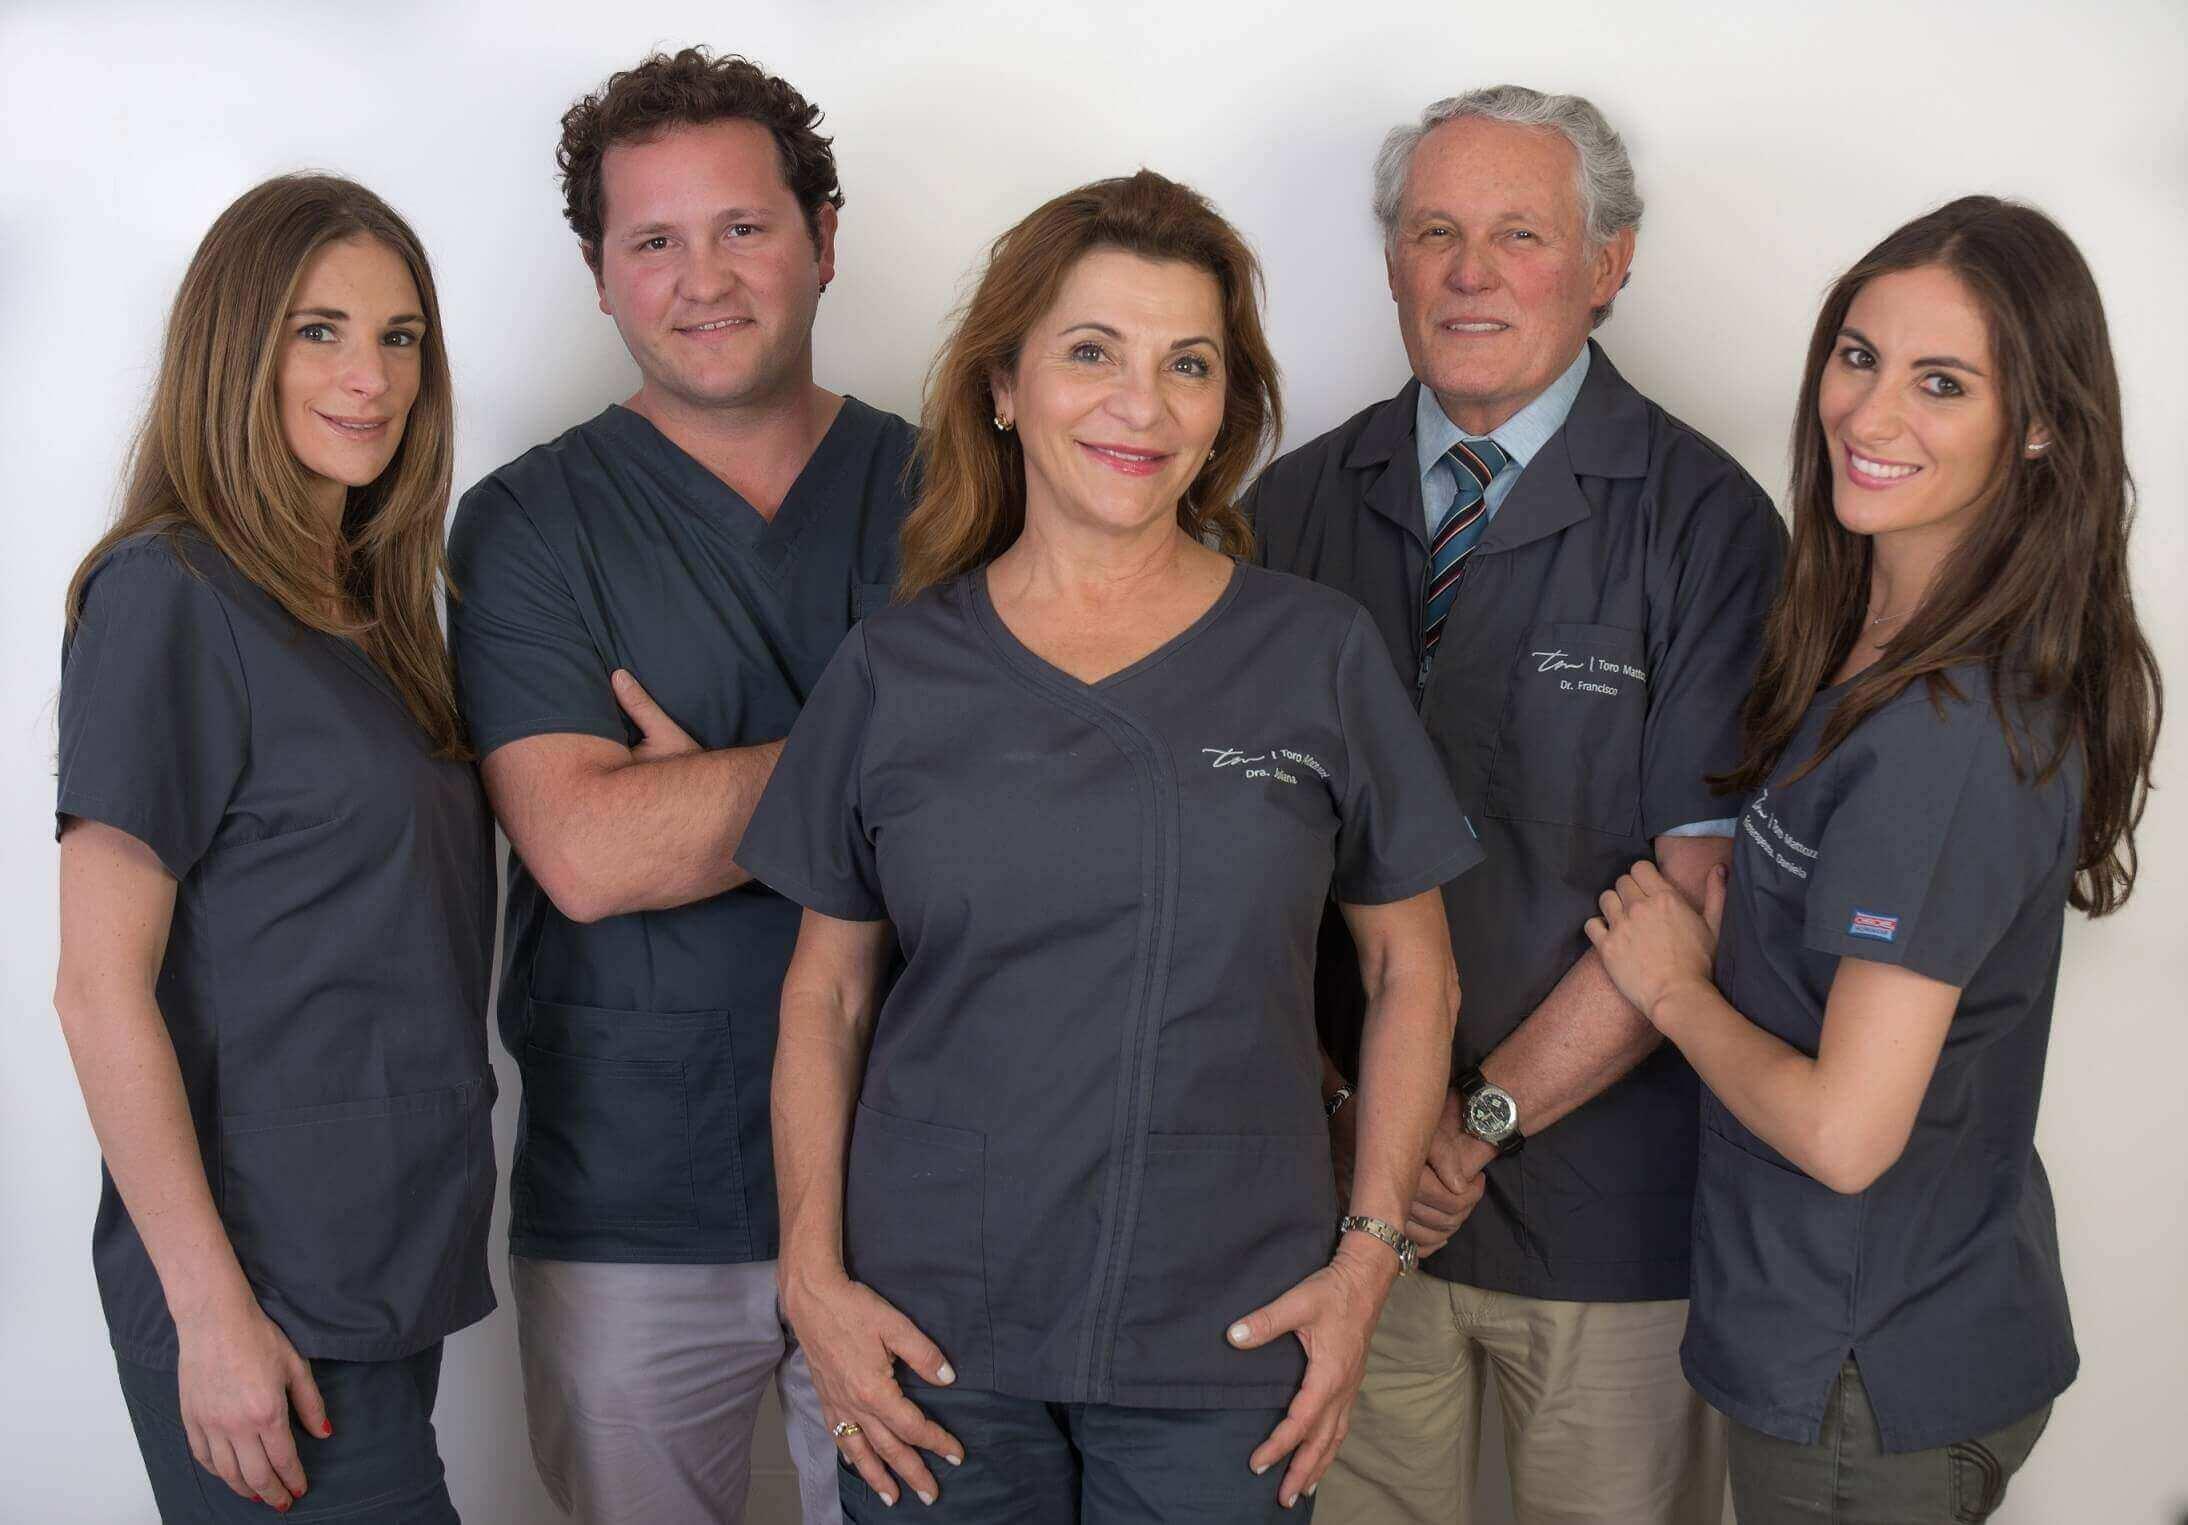 familia-de-dentistas